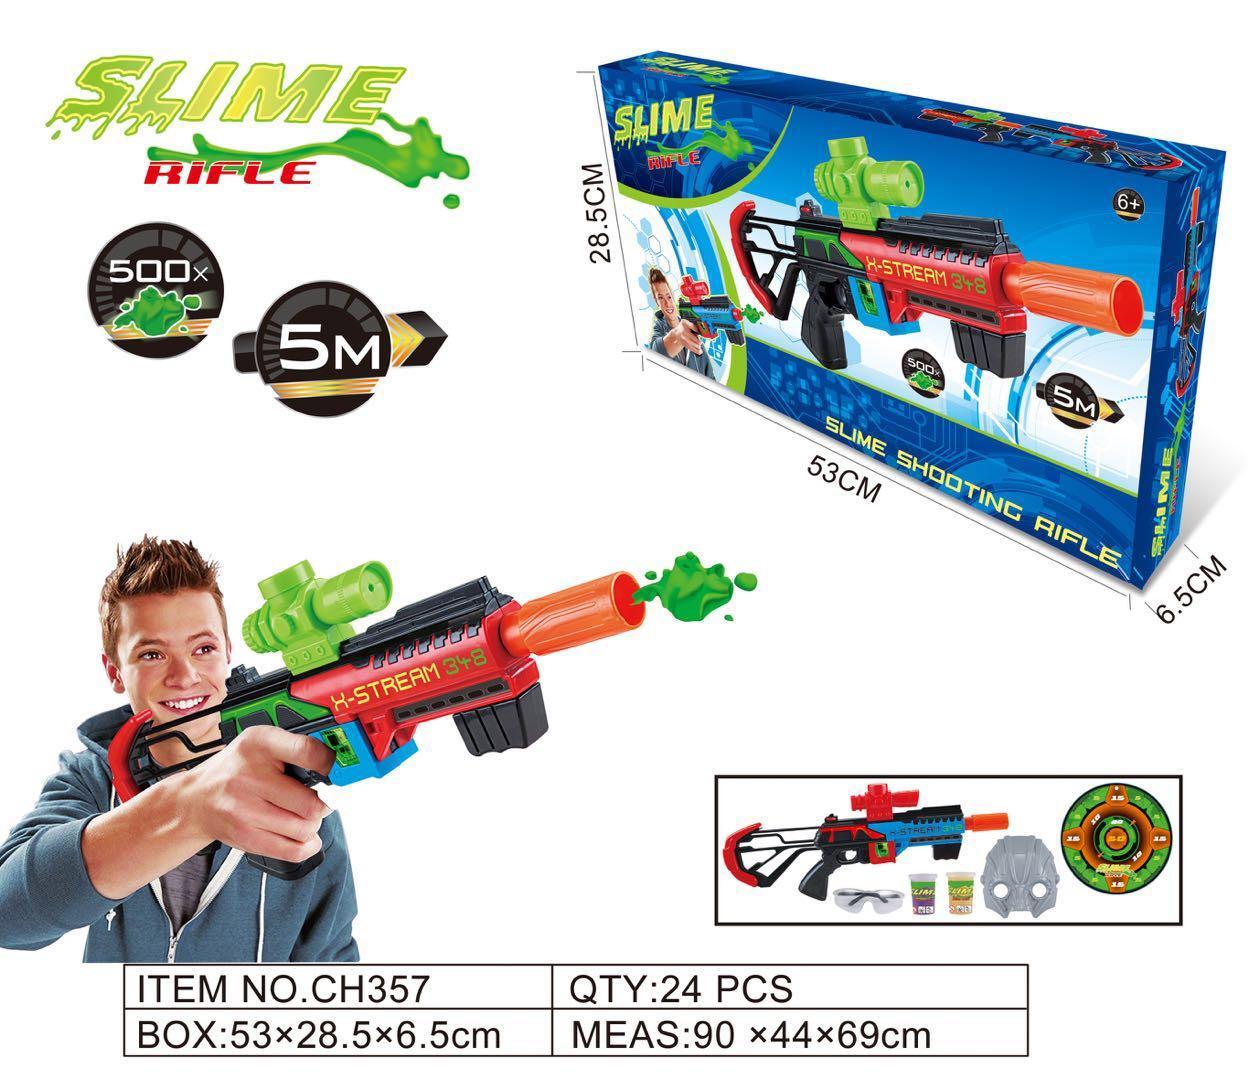 Бластер стреляющий слаймом Slime CH357 с маской и очками оптом (CH-357)